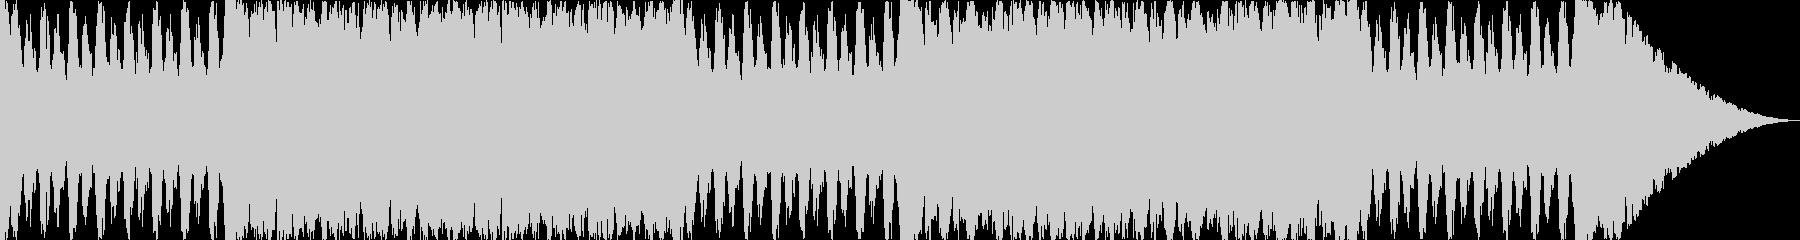 ストリングスの行進曲風オーケストラの未再生の波形